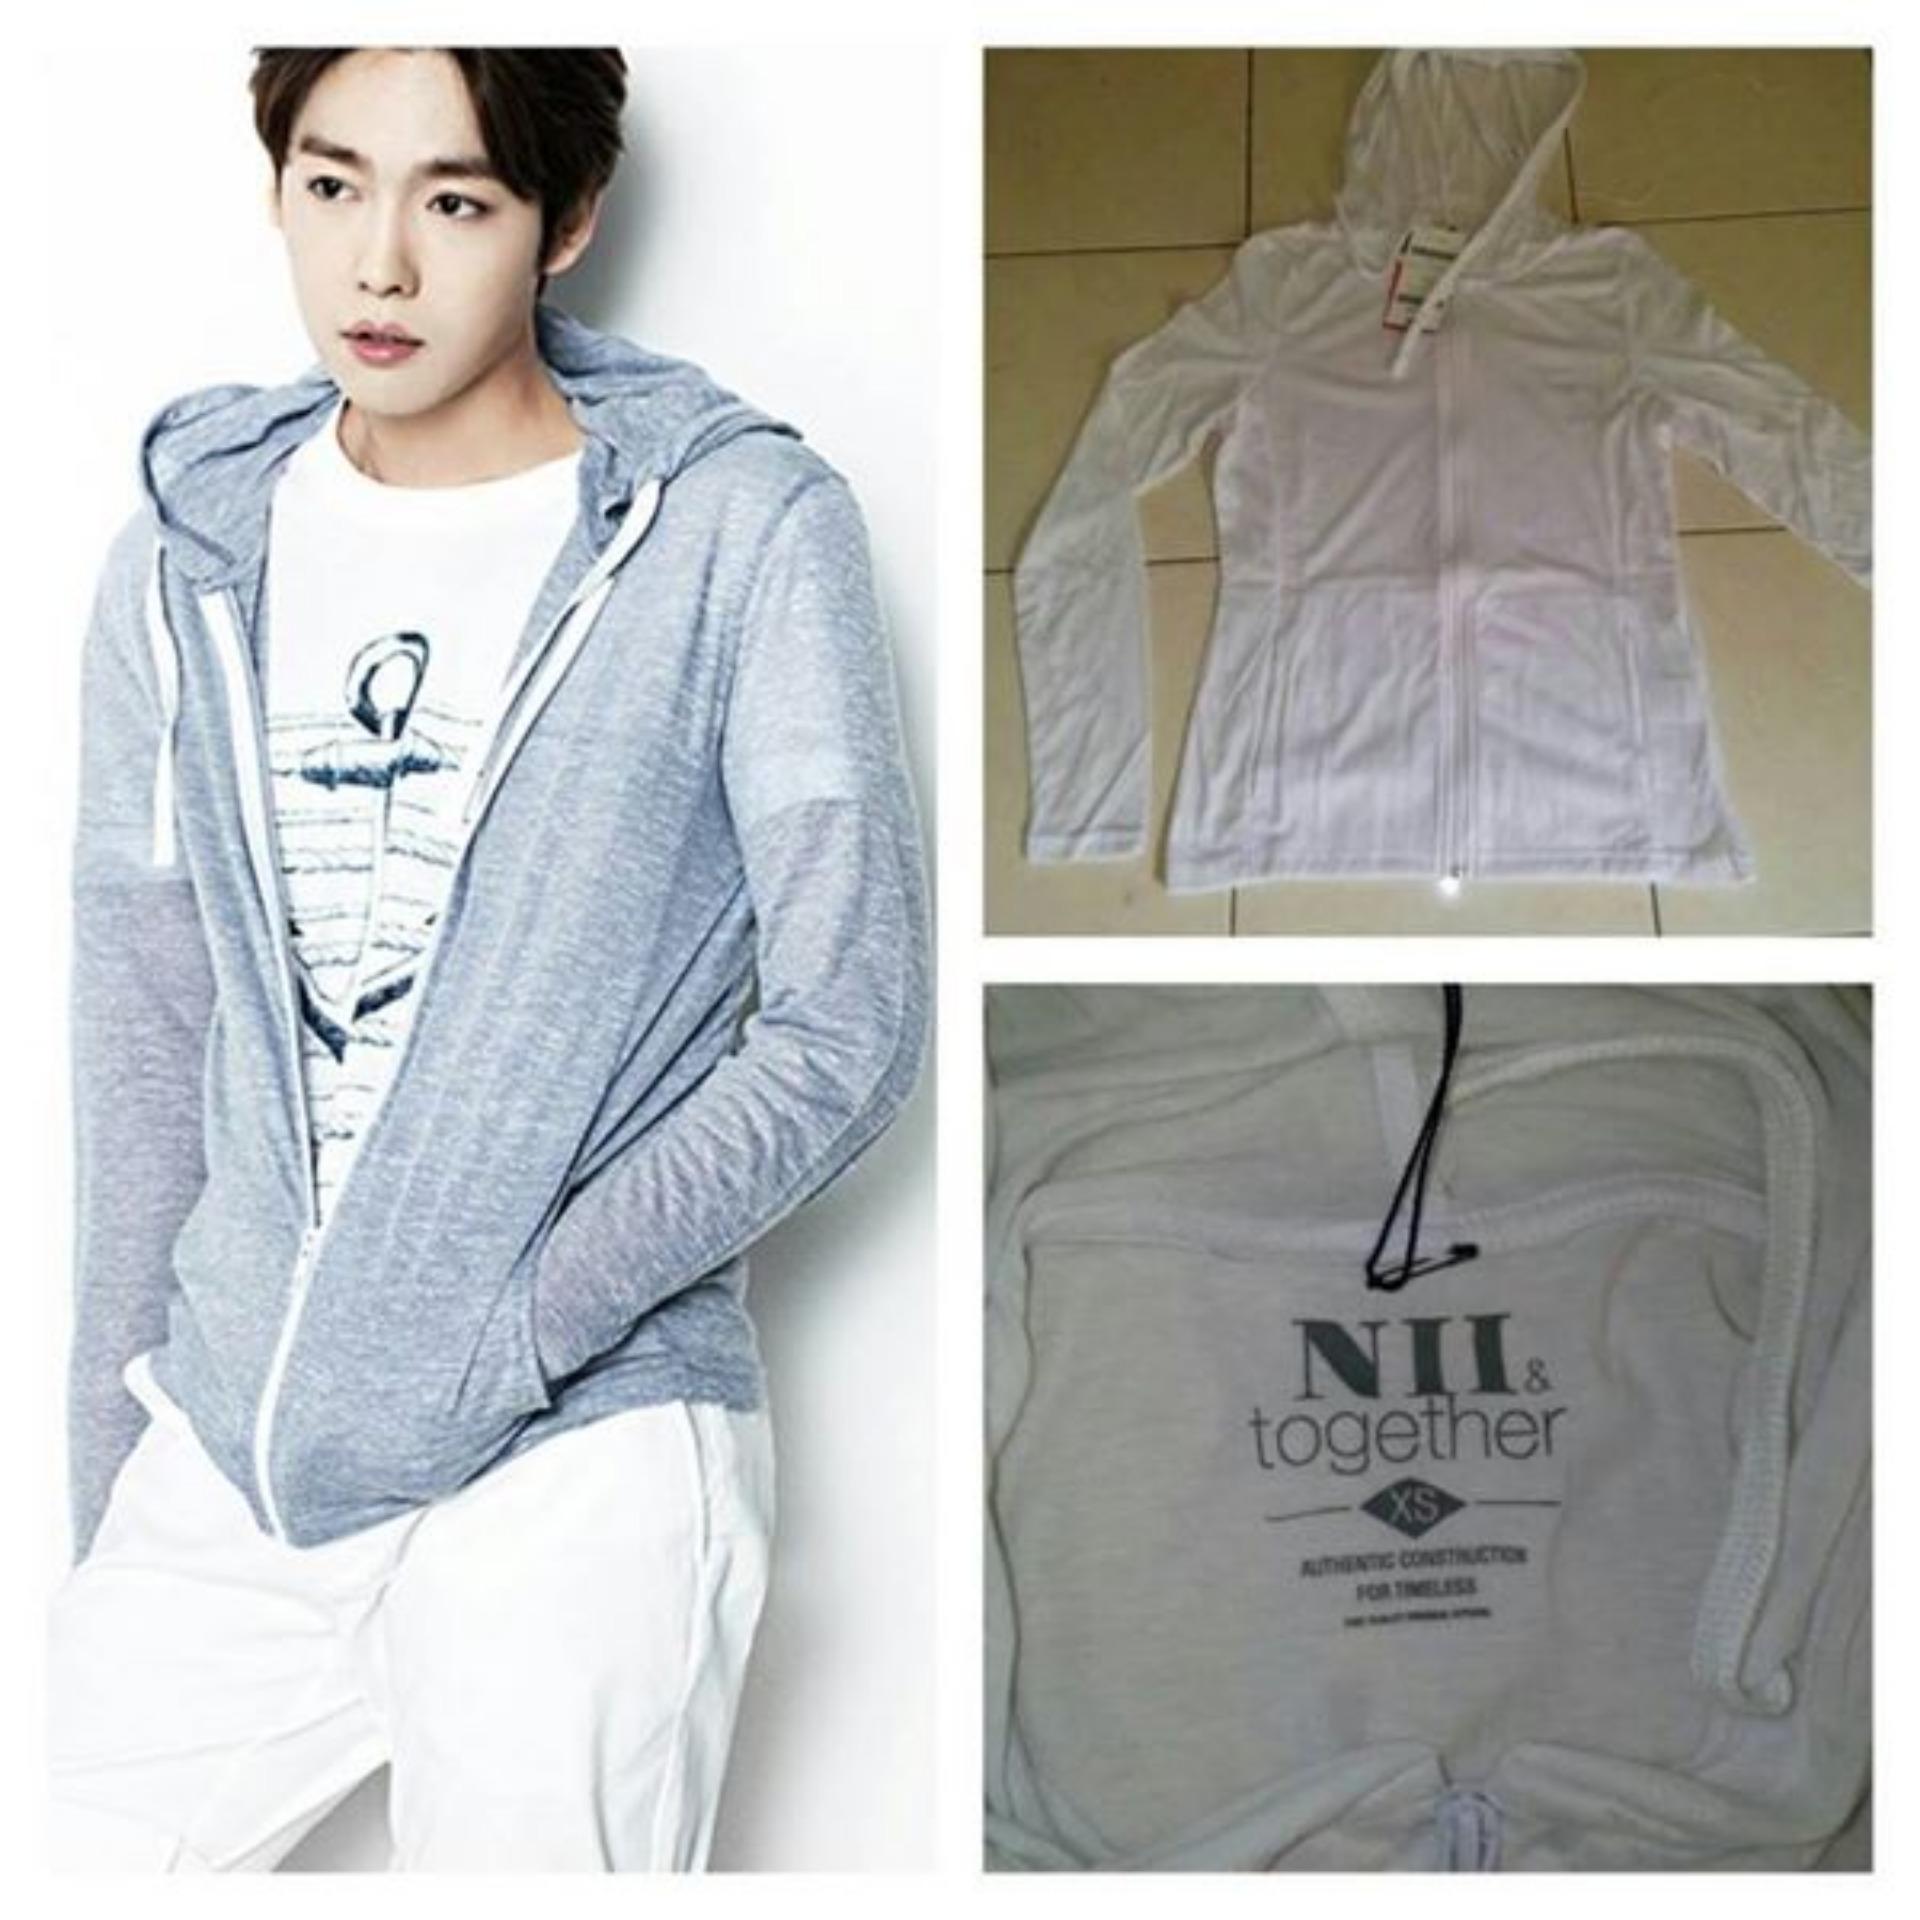 Promo Lf Jaket Polos Lengan Panjang Korea Jaket Hoodie Jaket Hodie Unisex Jaket Wanita Pria Import Good Quality White Akhir Tahun